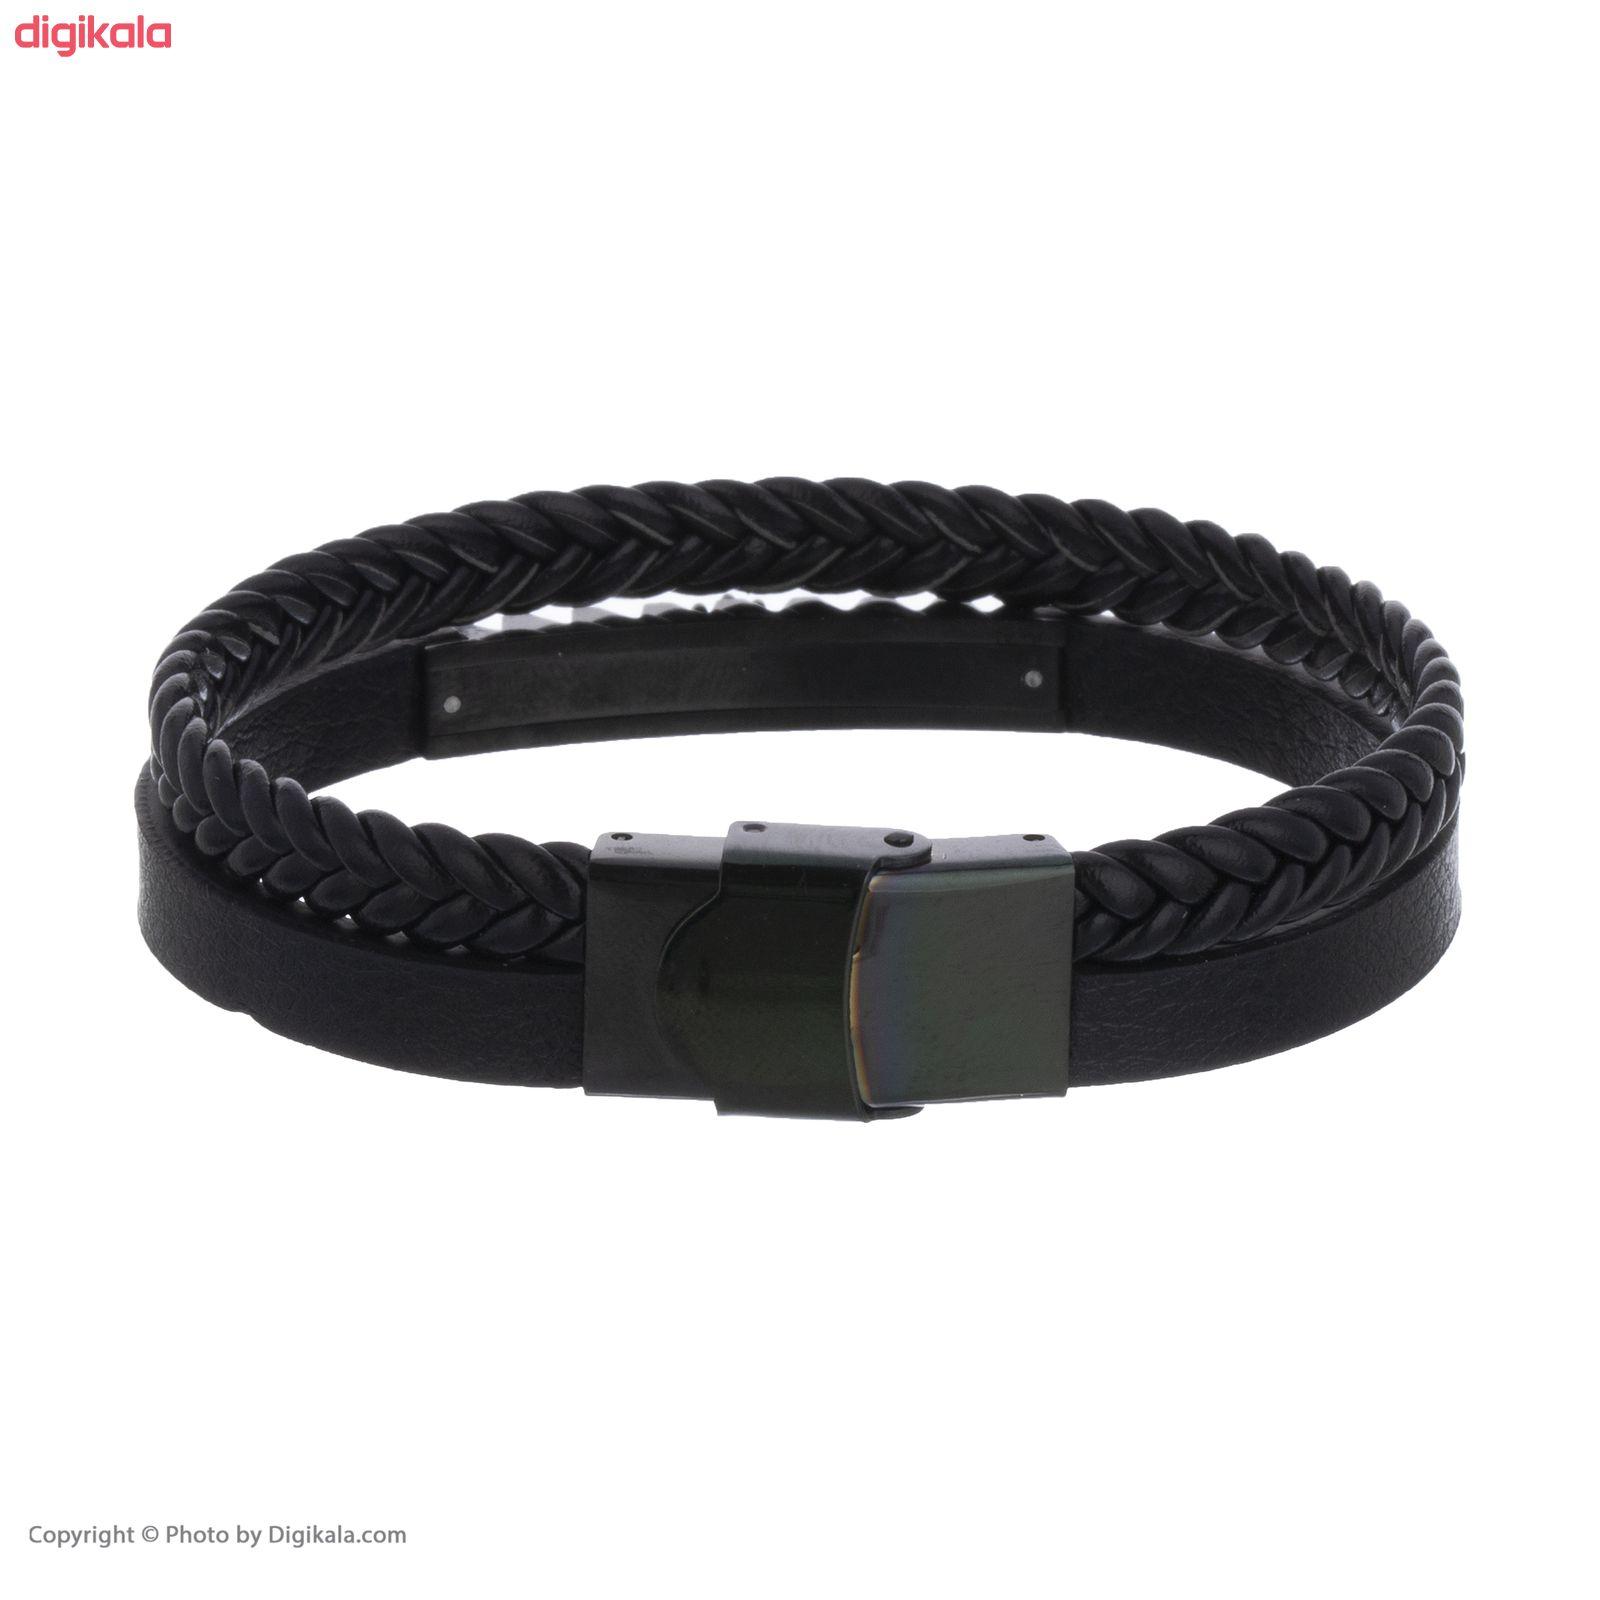 دستبند مردانه کد 10-2 main 1 3